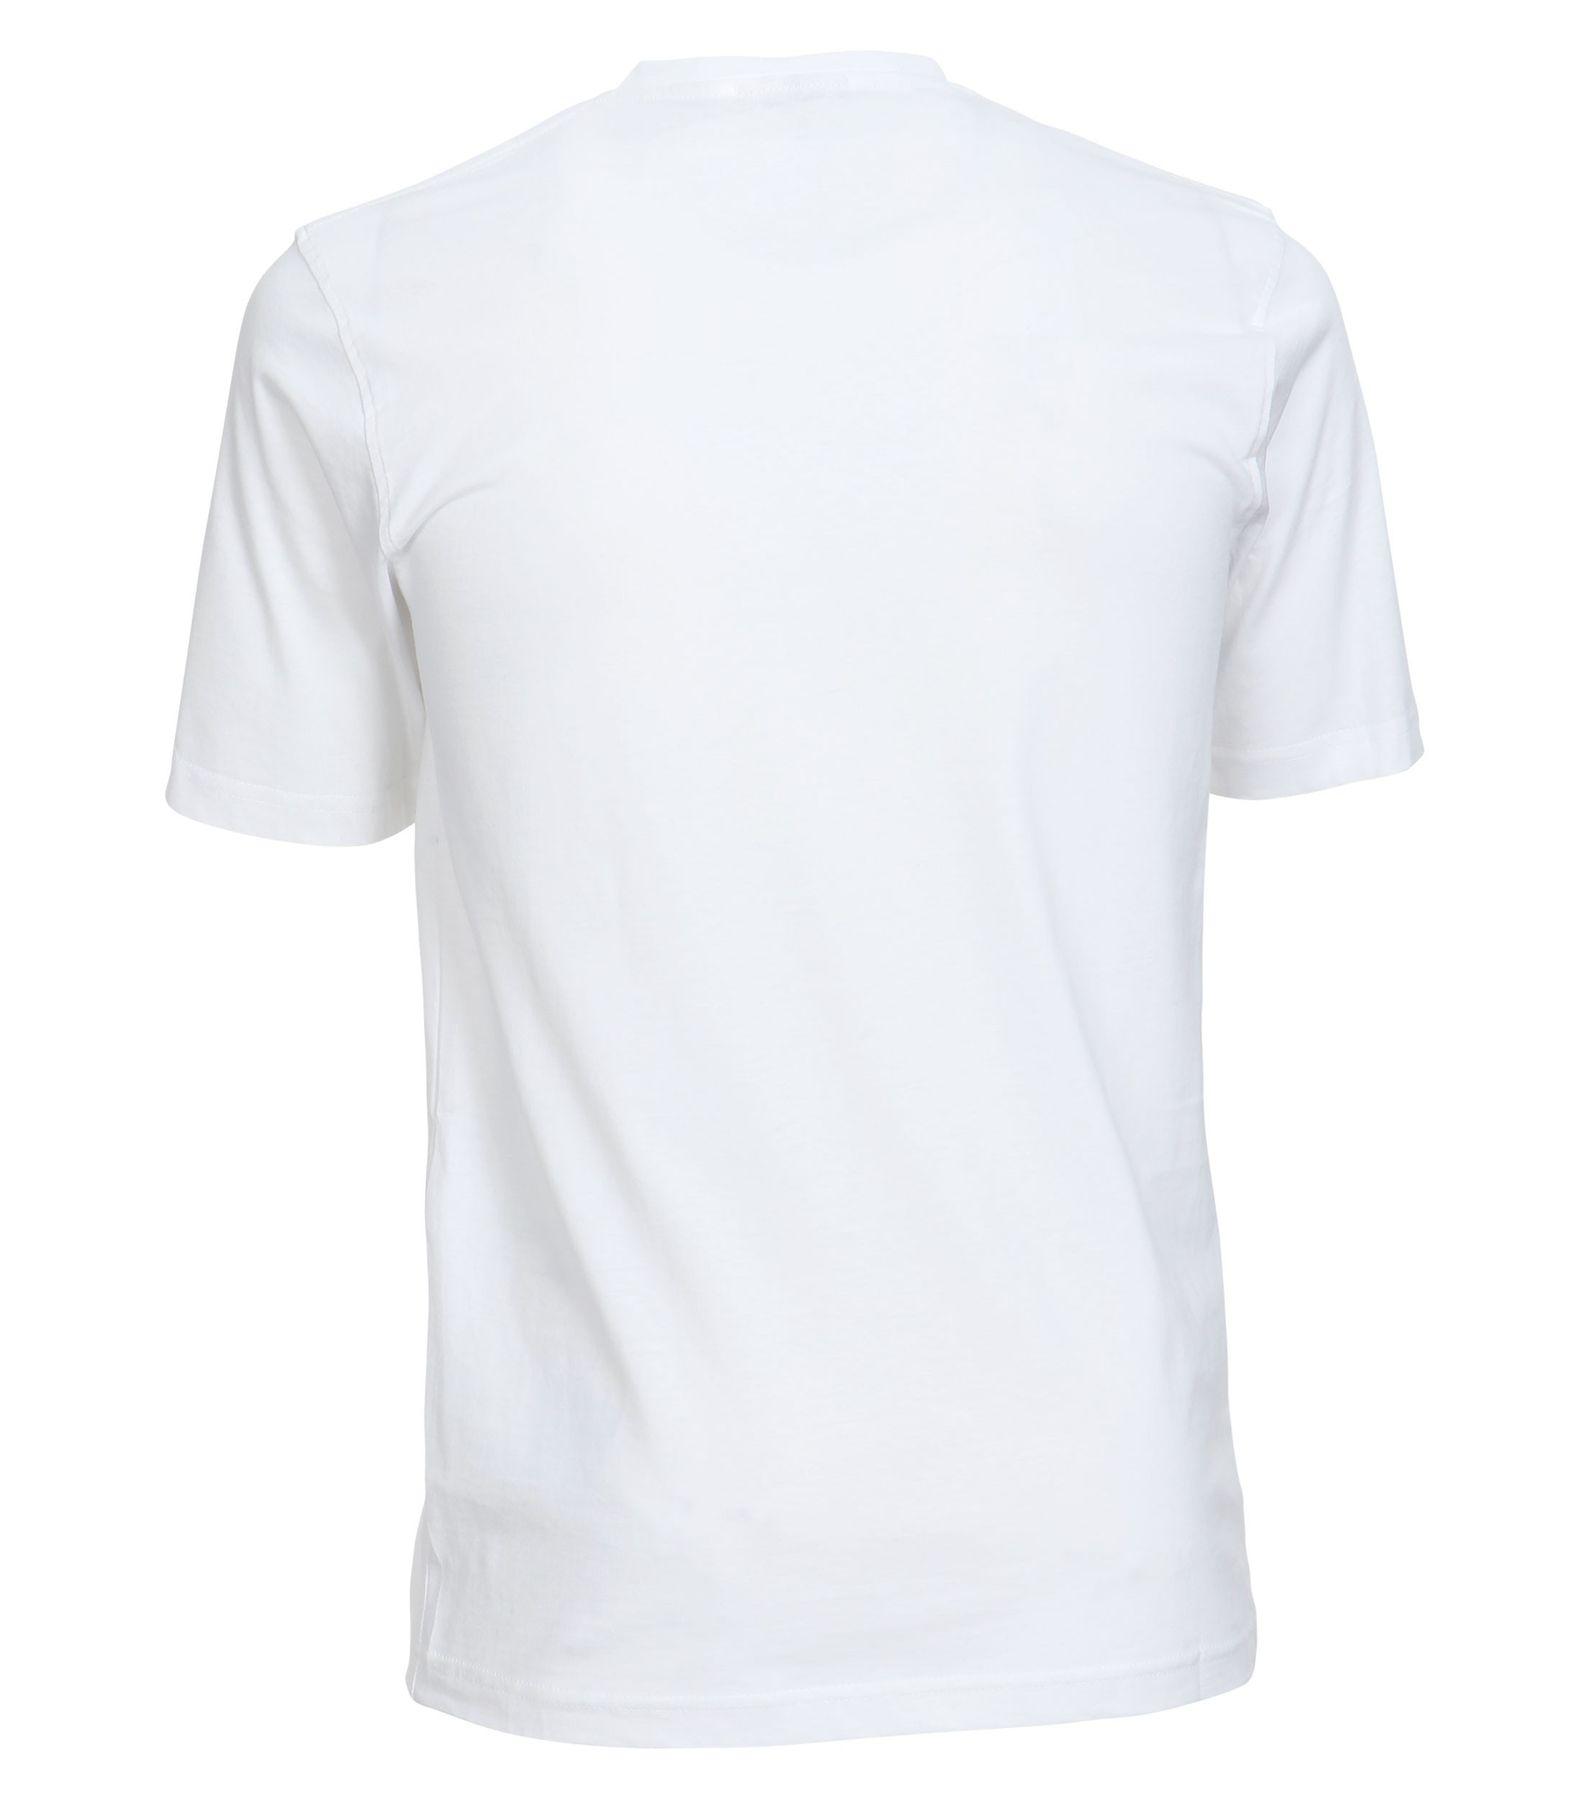 Casa Moda - Herren T-Shirt mit V-Ausschnitt im 2er Pack, schwarz oder weiß, S-6XL (092183) – Bild 2